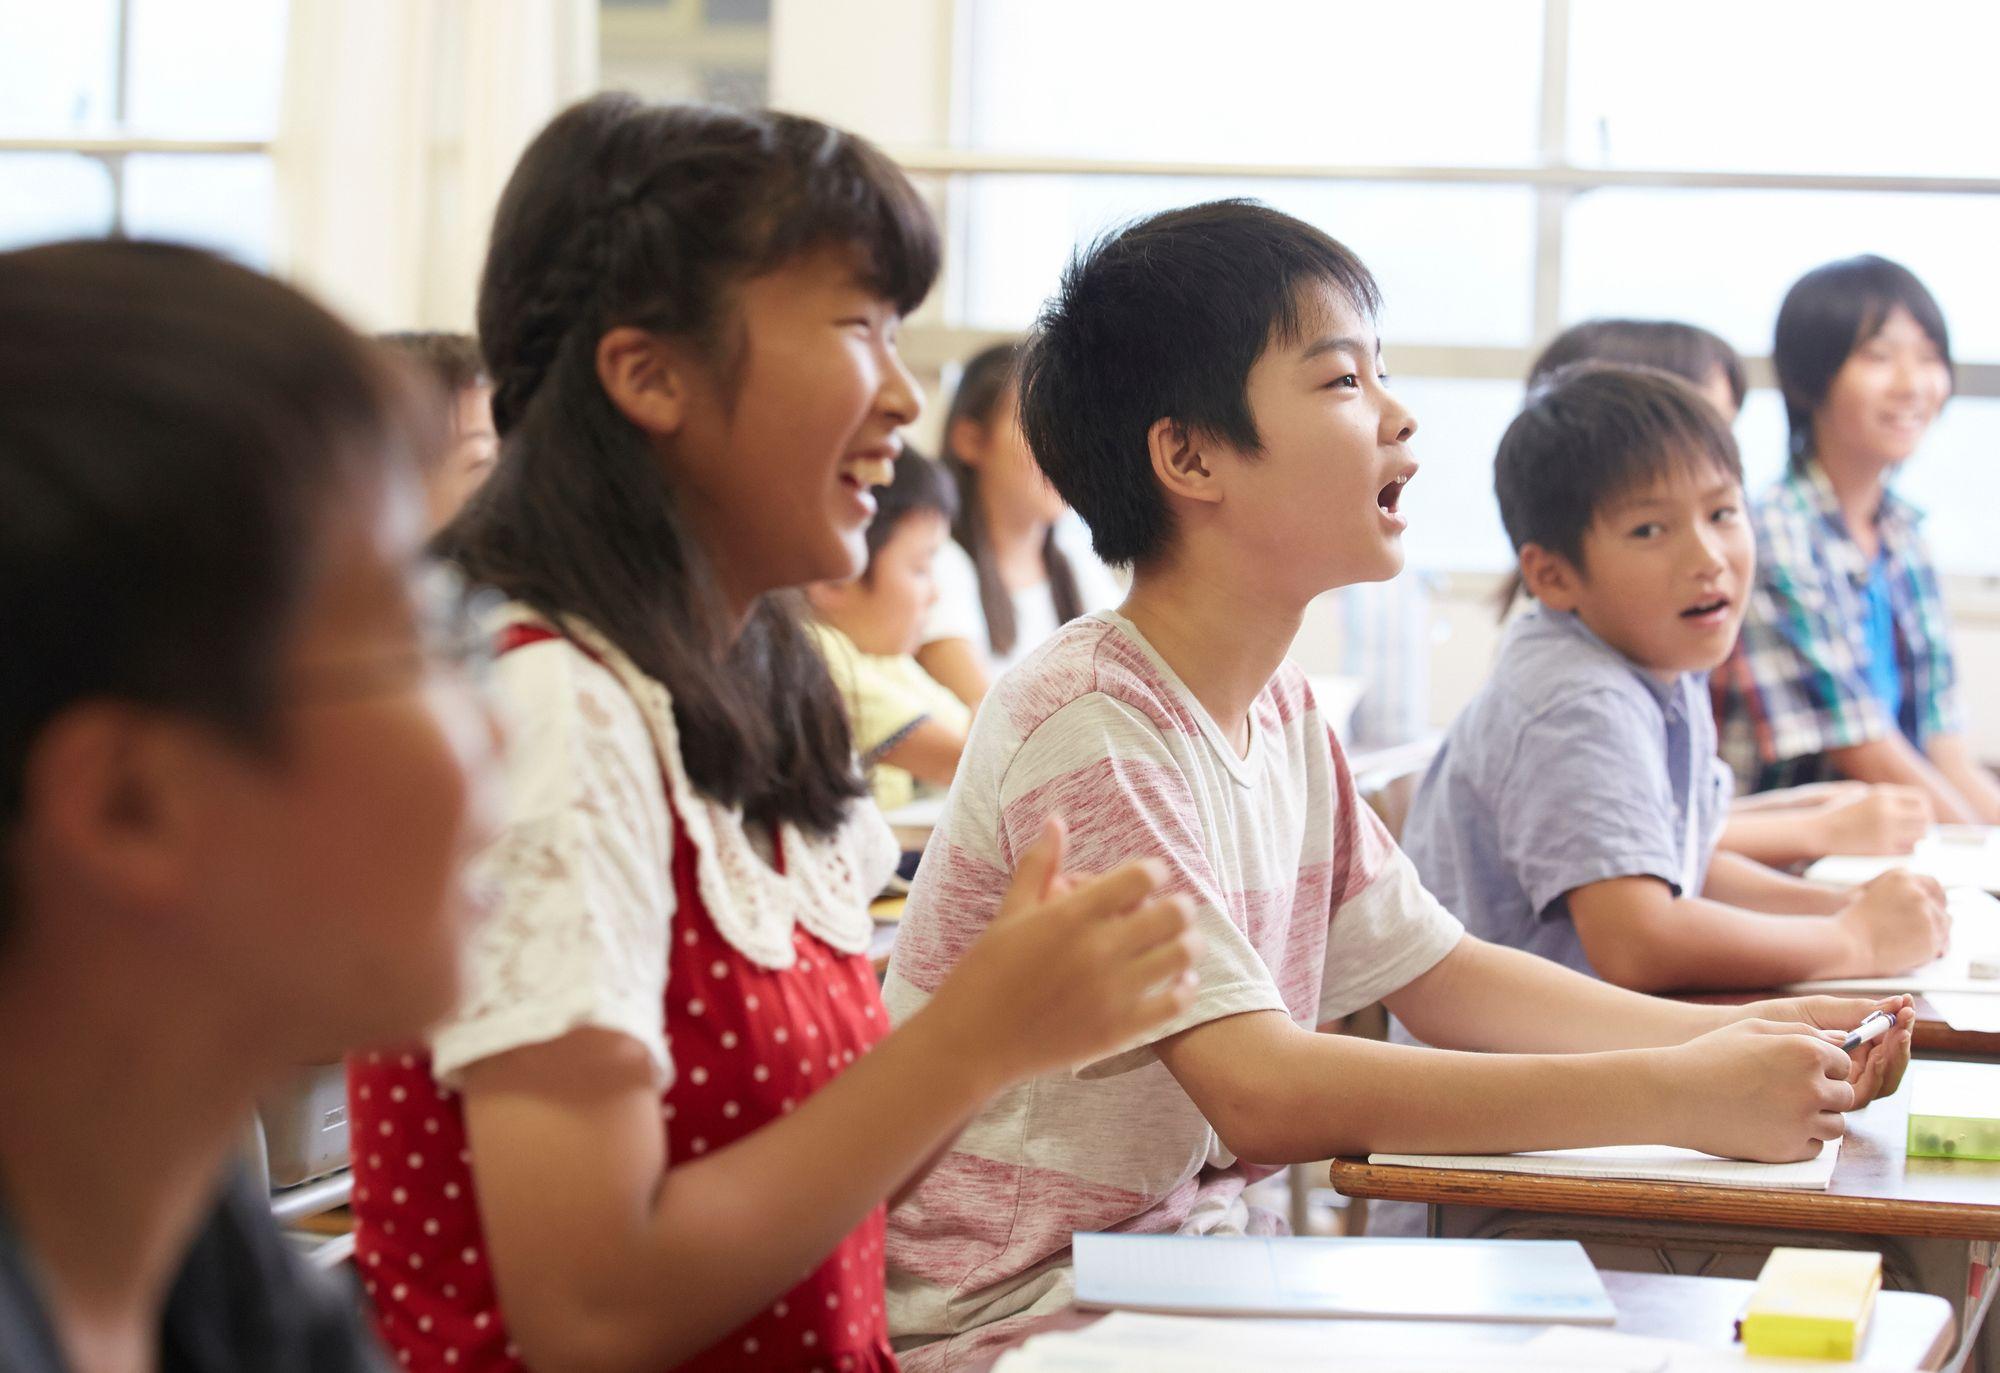 オンラインなのに全米トップの進学校、日本人校長がめざす「生き抜く力」の養成